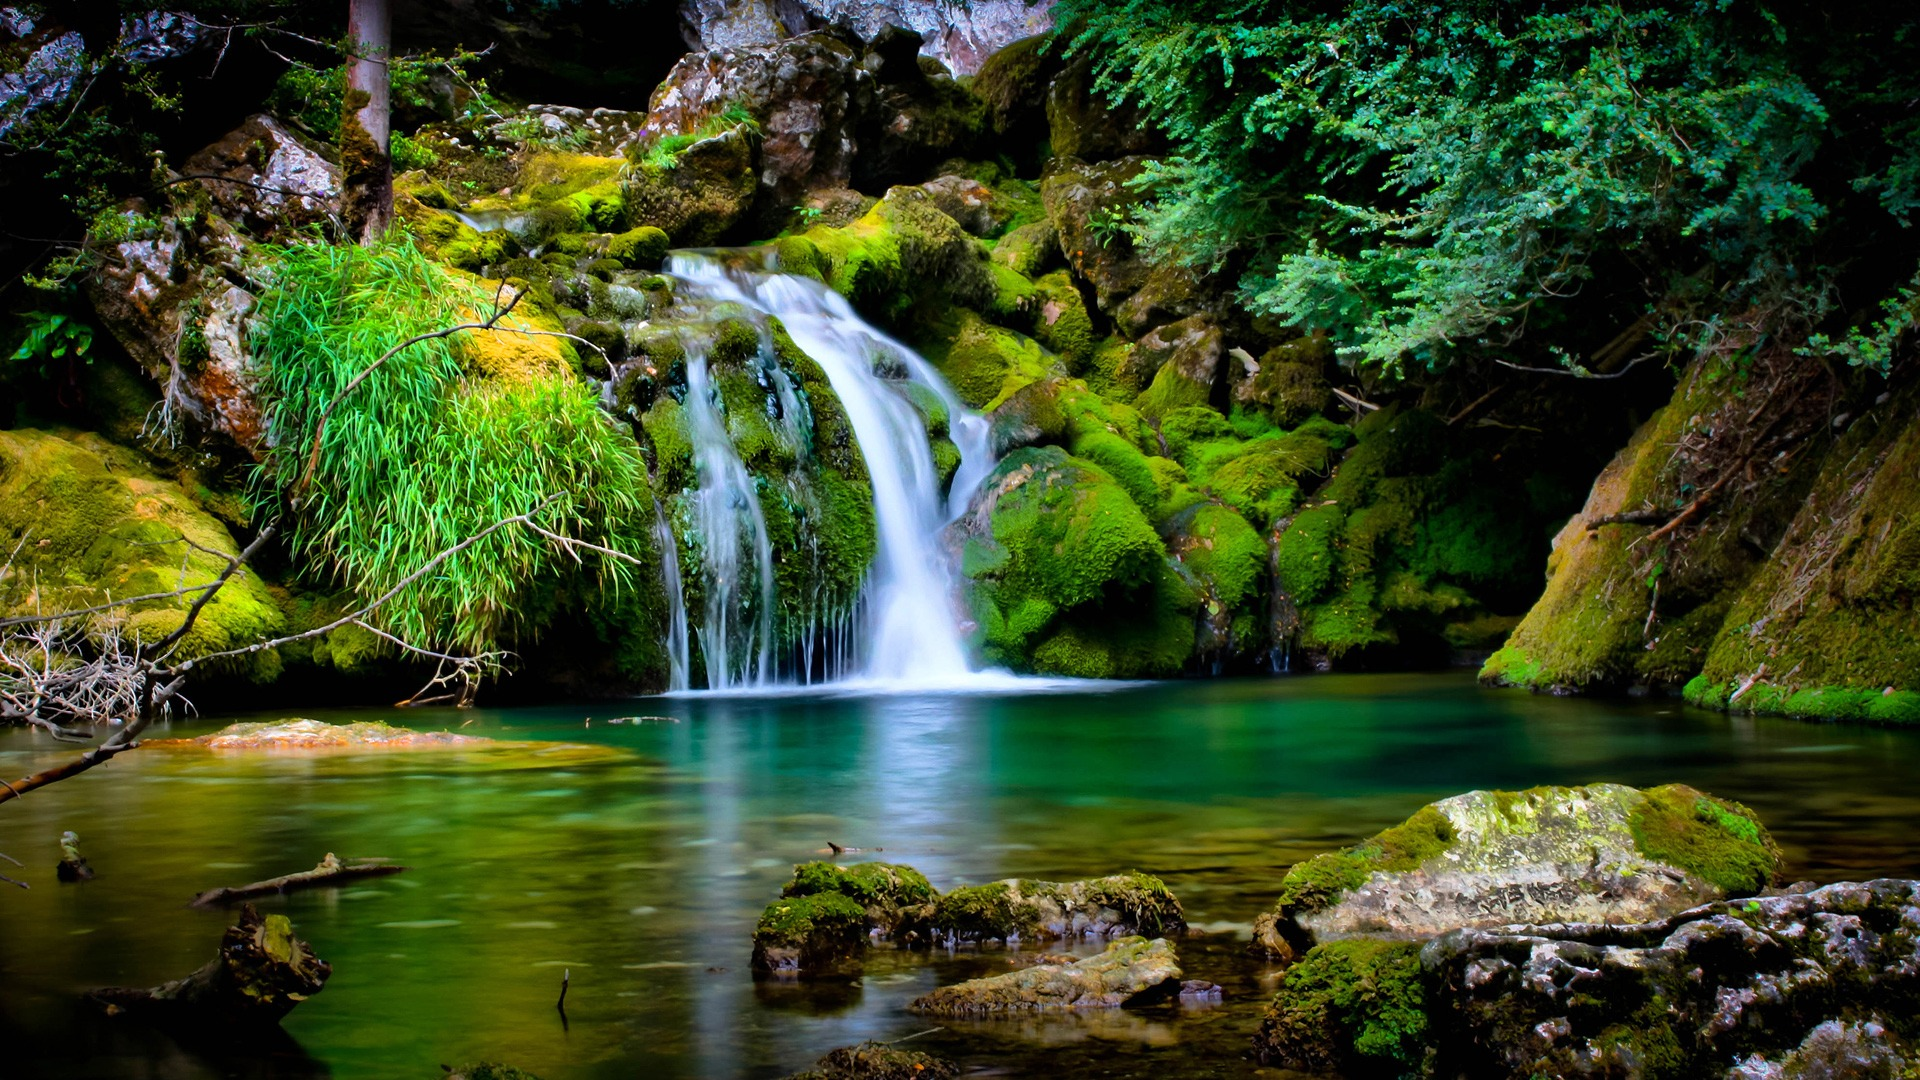 Garden of eden the new divine humanity for Jardin of eden